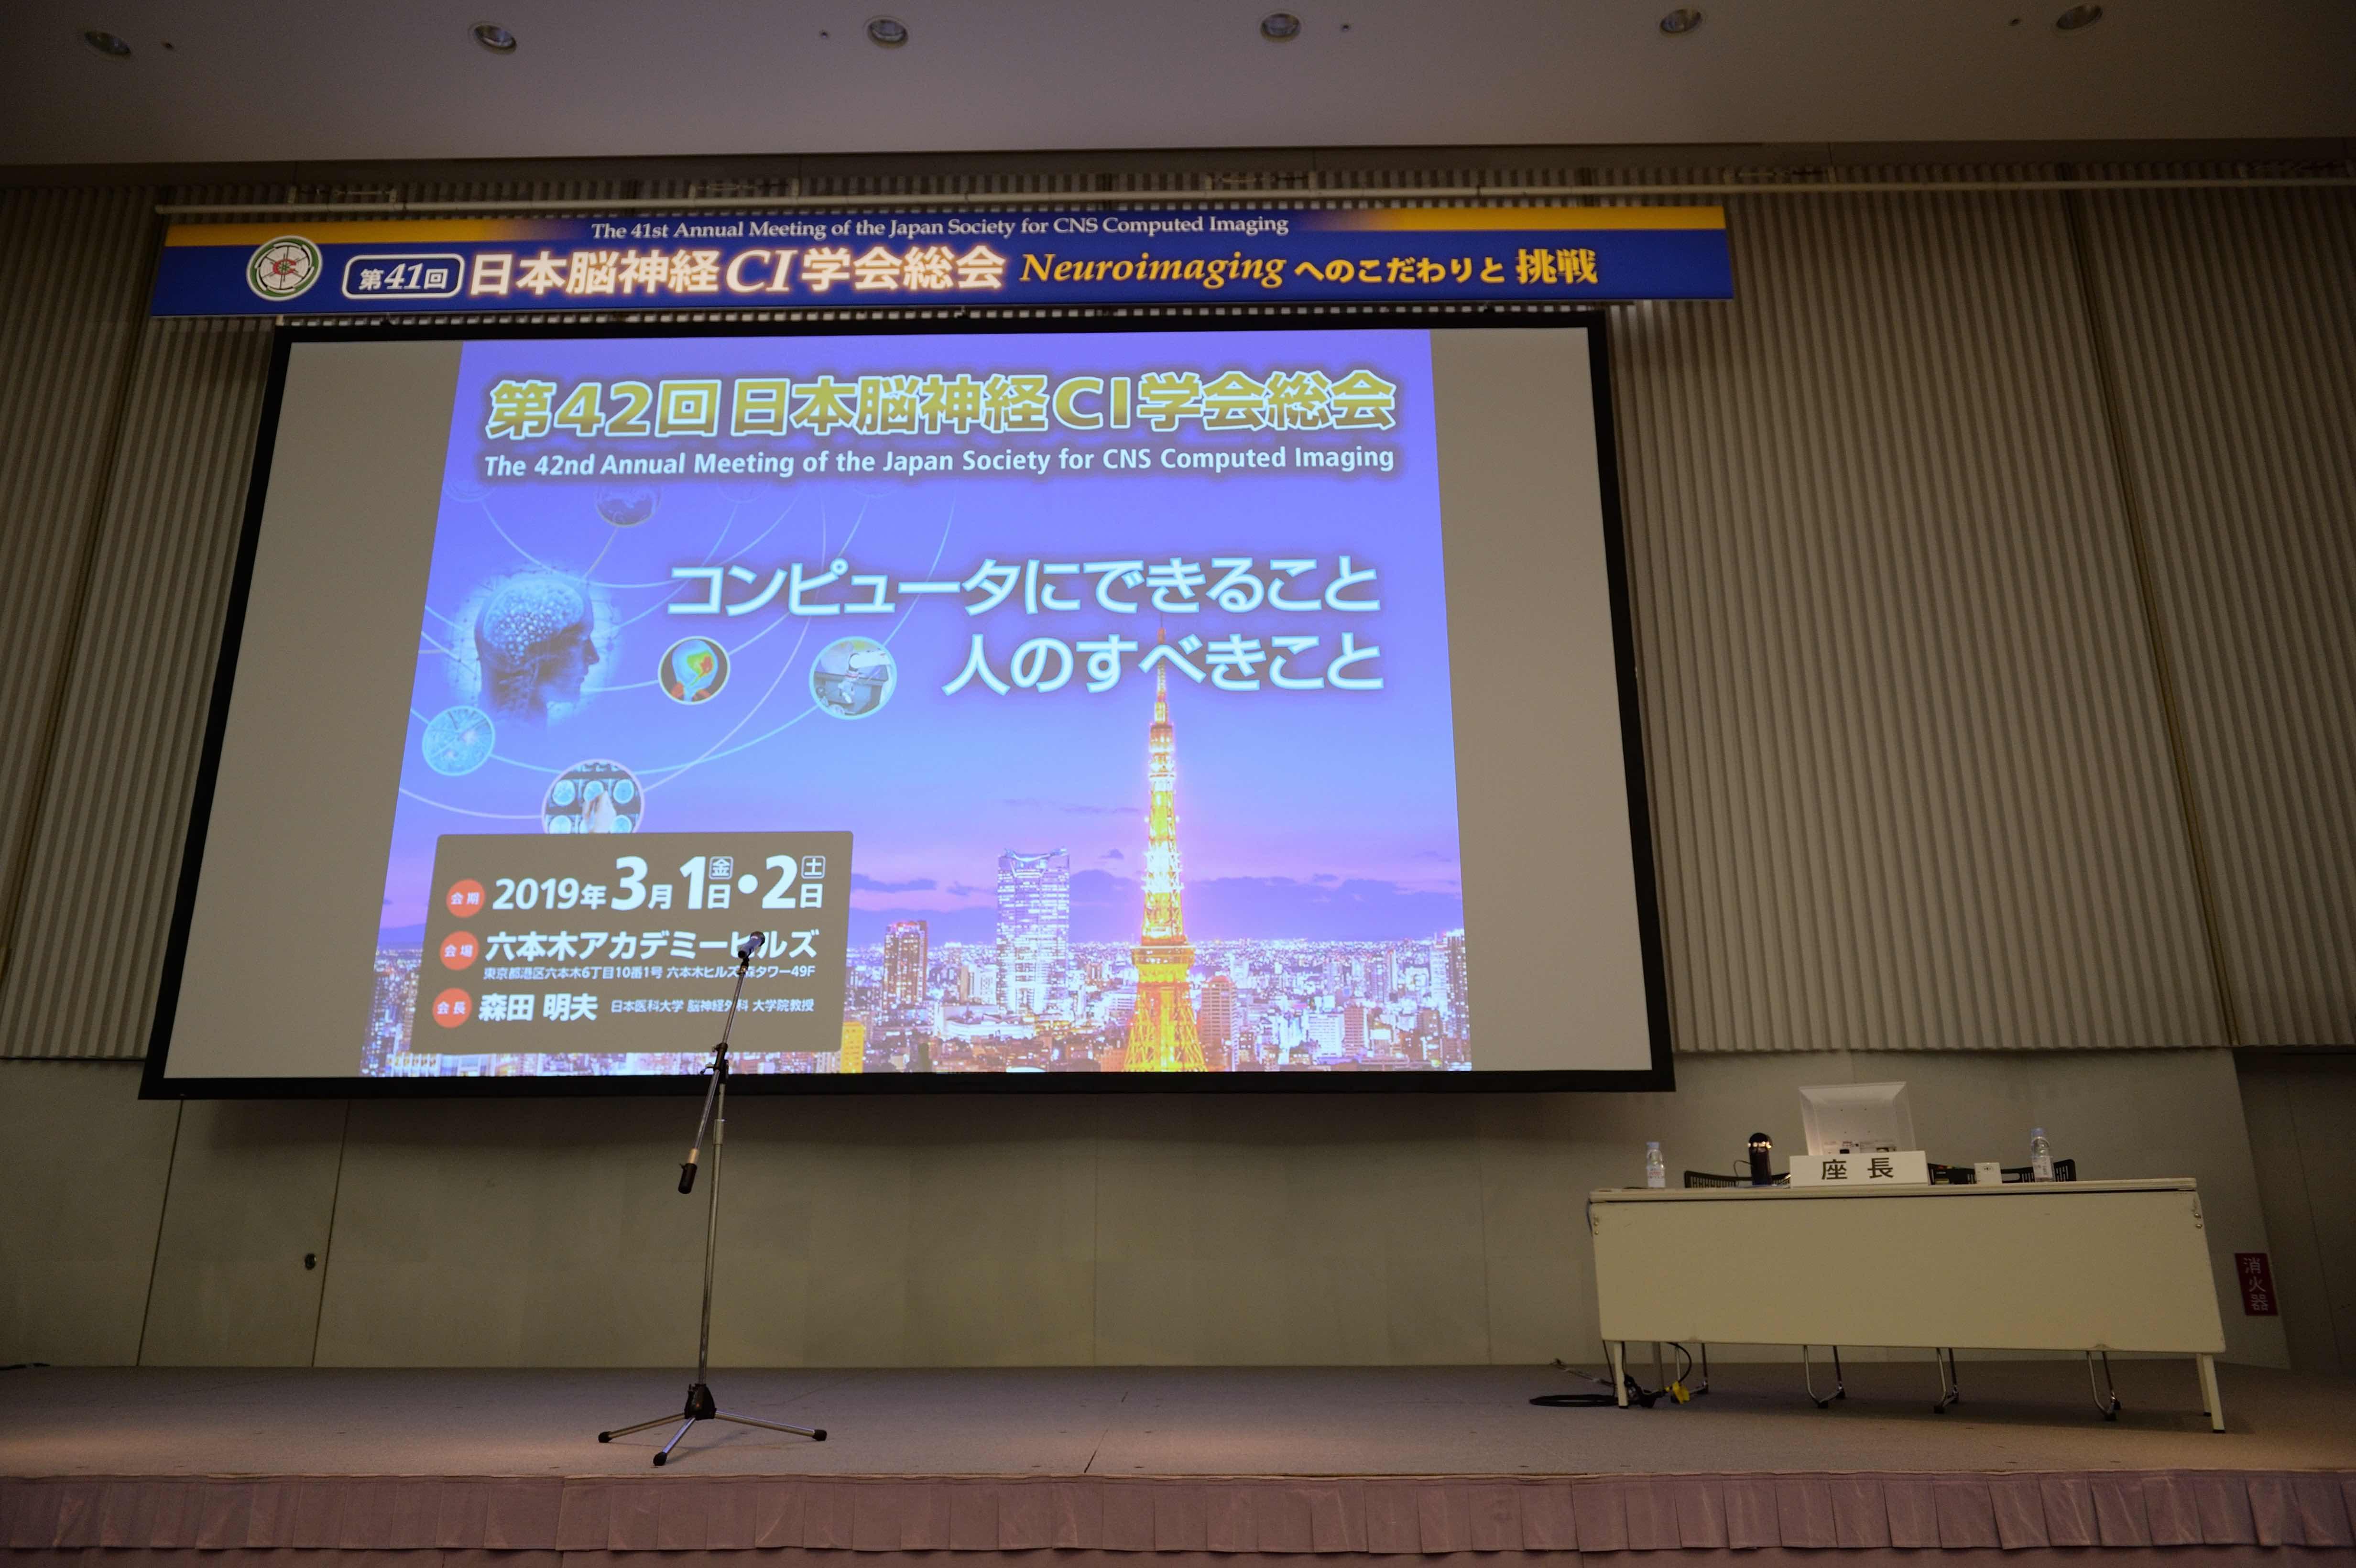 次回のCI学会は日本医科大学森田明夫教授会長のもと、2019年3月1日〜2日に六本木アカデミーヒルズで開催されます